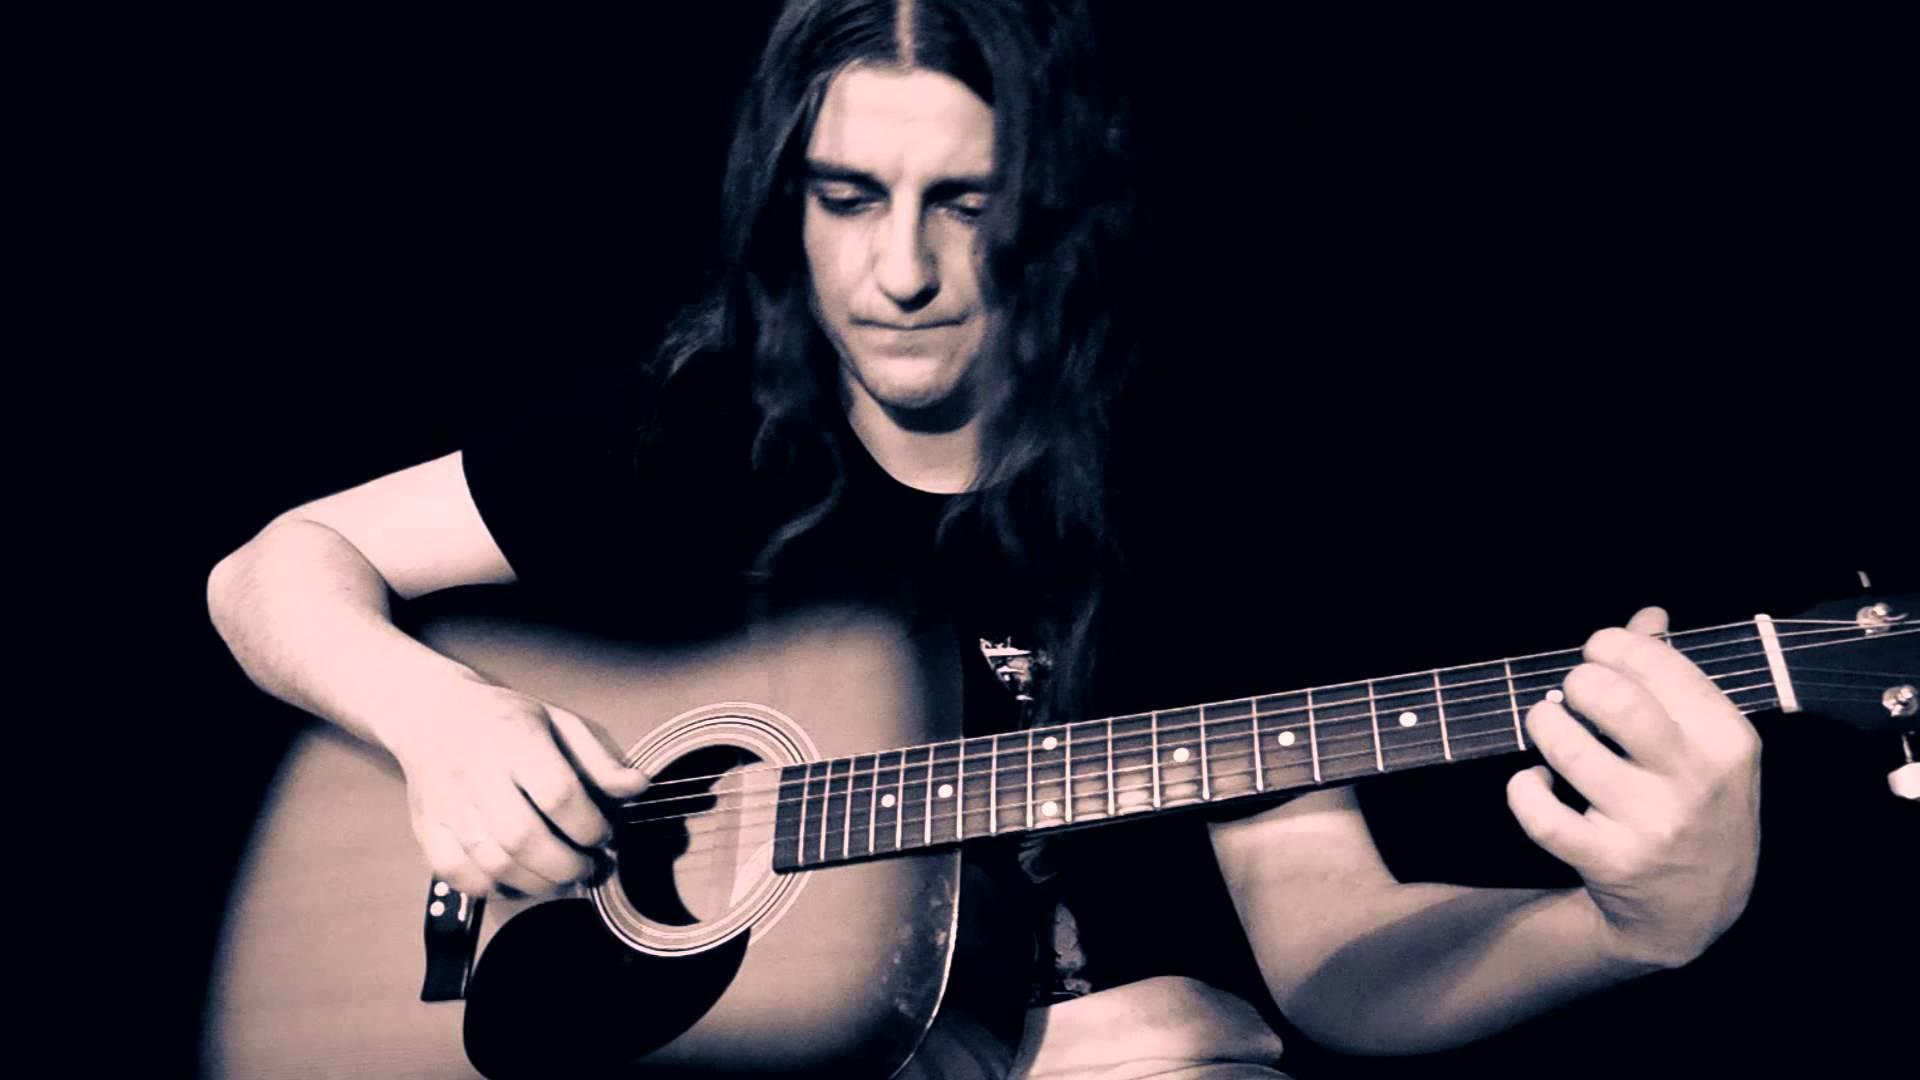 Угадай мелодию. Музыка на гитаре. Прикольно.